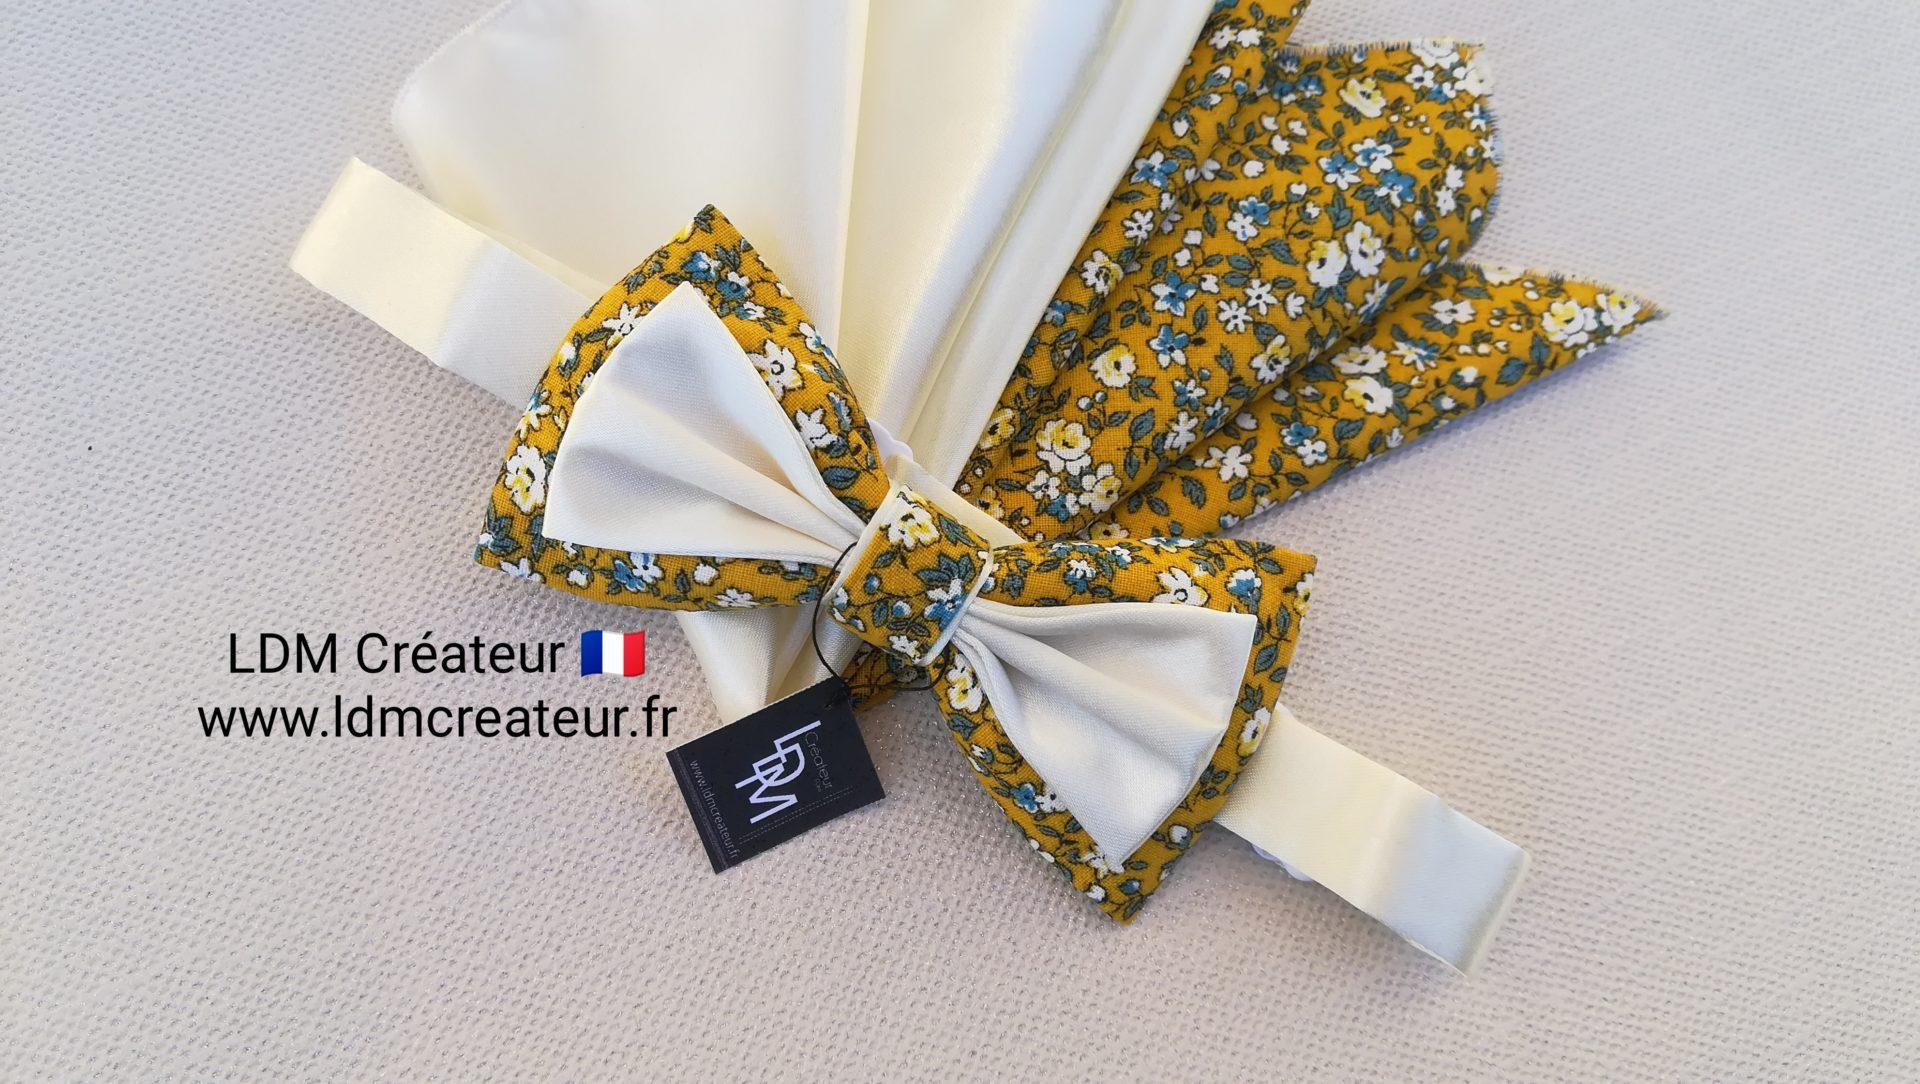 nœud-papillon-jaune-fleuri-liberty-champêtre-mariage-cérémonie-ldmcreateur-Ramatuelle-ldm-créateur